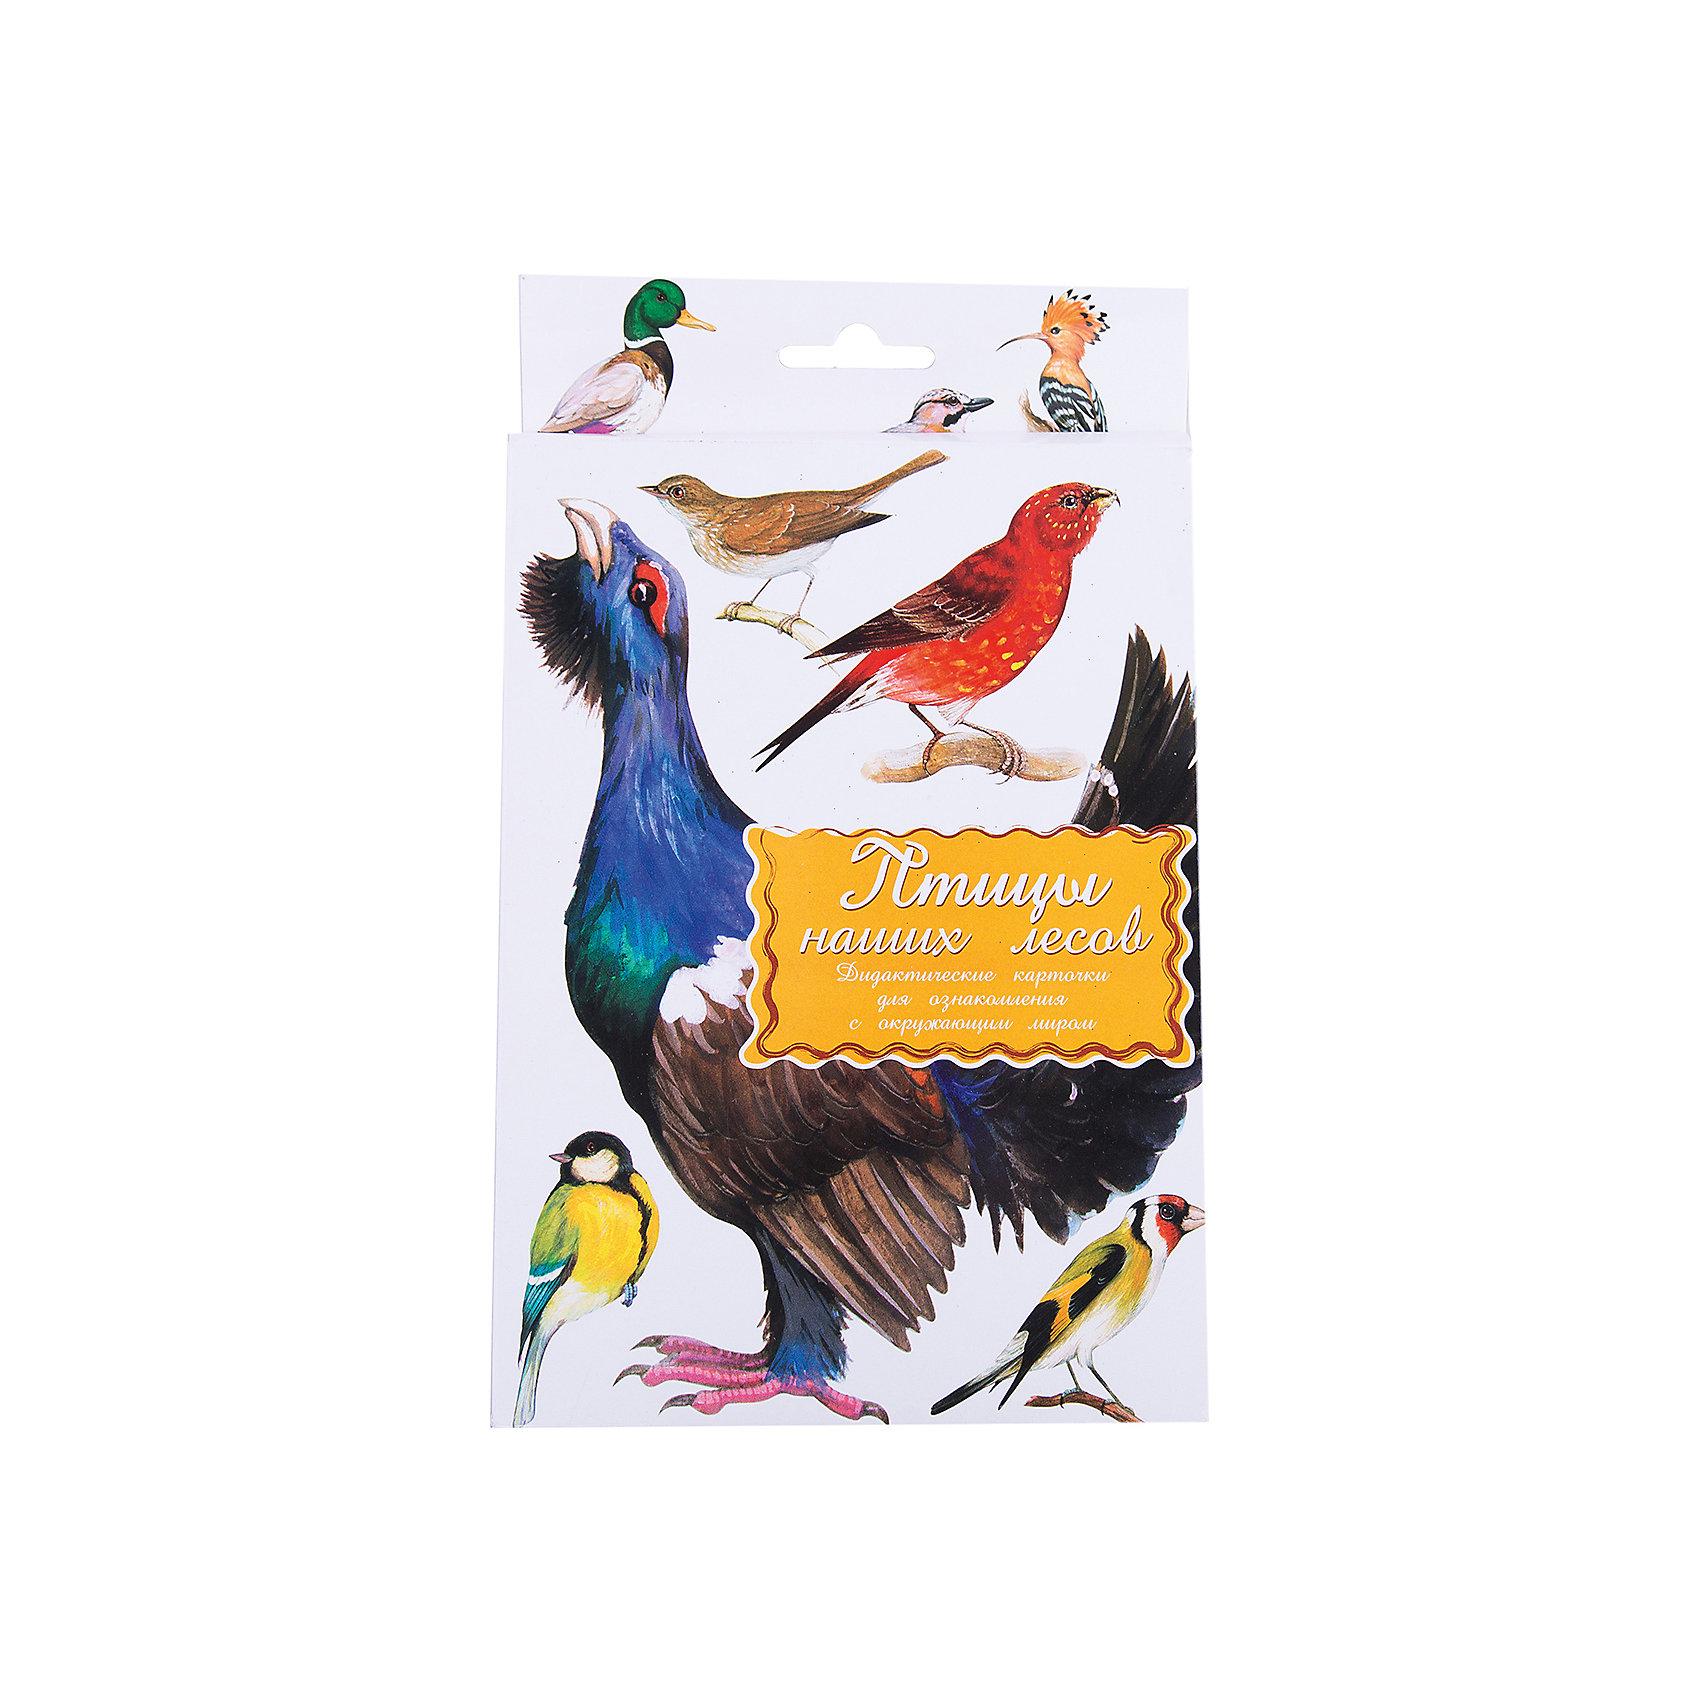 Дидактические карточки Птицы наших лесов, Маленький генийОбучающие карточки<br>Дидактические карточки Птицы наших лесов, Маленький гений.<br><br>Характеристики:<br><br>• Художник: Подколзин Евгений<br>• Количество карточек: 16<br>• Размер карточек: 25х15 см.<br>• Материал: картон<br>• Упаковка: картонный блистер с европодвесом<br>• Размер упаковки: 25,2х15,1х1 см.<br><br>Дидактические карточки с крупными яркими картинками познакомят малыша с некоторыми самыми известными птицами, обитающими в лесах средней полосы России: иволгой, совой, дятлом, удодом, кукушкой, зимородком, глухарем, вороном, горихвосткой, клестом, сойкой, соловьем, поползнем, уткой, ястребом, щеглом. Всего в набор входит 16 карточек. На одной стороне каждой карточки изображена птица, а на обратной стороне дано ее описание: внешний вид, места обитания, повадки, интересные факты. <br><br>Совсем маленькому ребенку можно просто показывать карточки и называть птиц. Когда он запомнит их можно просить его найти карточку с той или иной птицей или назвать птицу, которую Вы ему показываете. Можно сортировать птиц, например на хищных, насекомоядных и зерноядных, или больших, средних и маленьких и т.д. Если ребенок учится читать, можно отрезать названия и, перемешав, предложить ребенку подобрать картинки к названиям. <br><br>С карточками можно организовать и множество игр на развитие внимания, логического мышления и памяти. Игра «Четвертый лишний»: из четырех карточек, одна из которых отличается от трех других, ребенок должен выбрать лишнюю и объяснить свой выбор. Можно по очереди с ребенком отвечать на вопрос «Какой?» относительно каждой карточки, стараясь дать больше ответов. <br><br>Разглядывая карточки, играя с ними, ваш малыш не только обогатит свой багаж знаний об окружающем мире, но и научится составлять предложения, беседовать по картинкам, классифицировать и систематизировать предметы. Карточки рекомендуются родителям, логопедами, психологами, воспитателями детских садов, учителями начальных классов дл